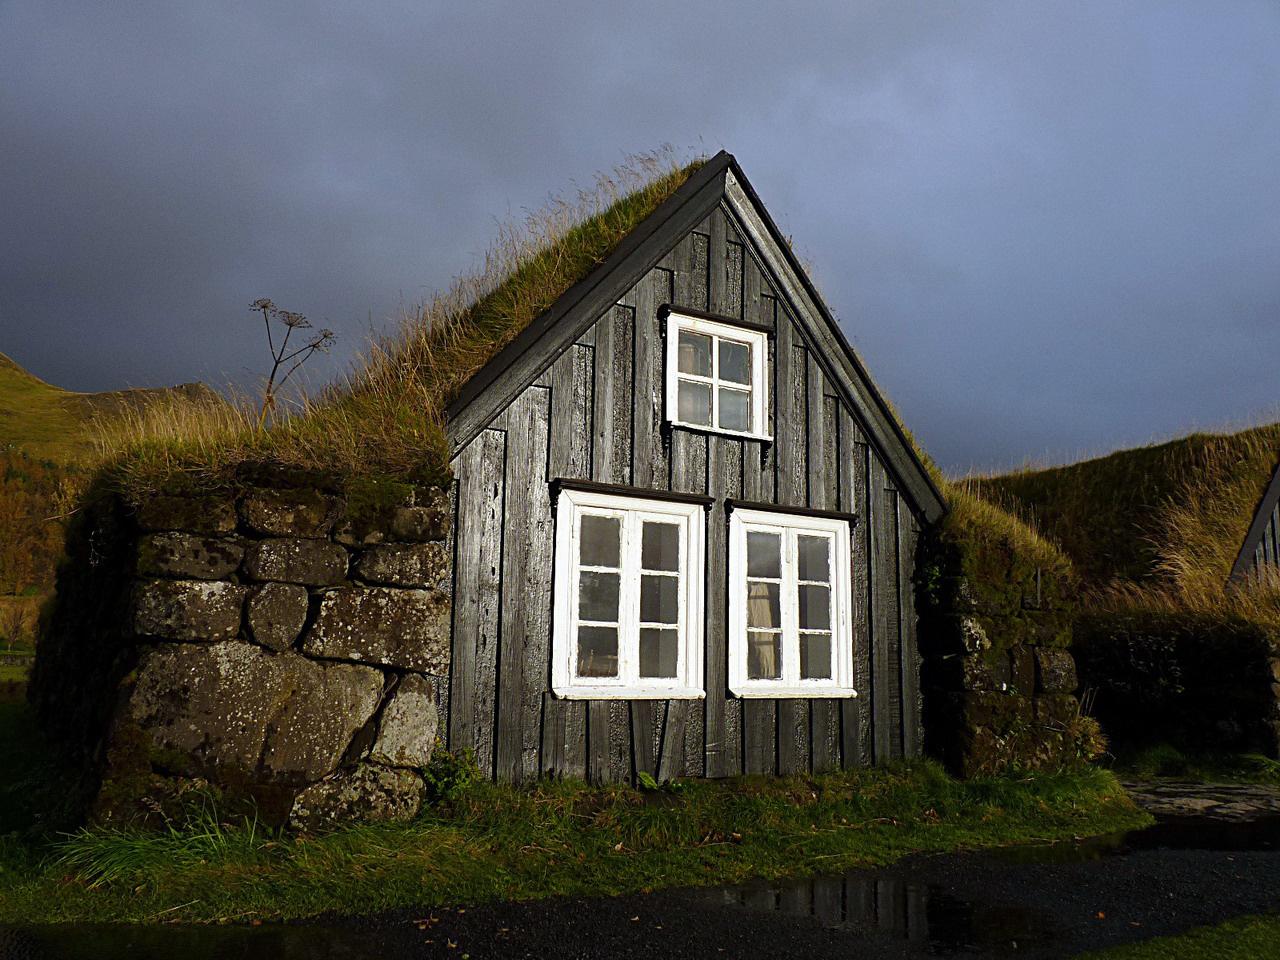 Azok a régi szép idők… Skógarban egy színvonalas néprajzi múzeumban feledkezhetünk bele az izlandiak múltjába. Találunk ott templomot, iskolát, lakóházakat, és egy gazdag tárgyi gyűjteményt. Mint fotónk is mutatja, a házakat sokszor félig a földbe mélyítették, vastag falakkal övezték, tetejükre hőszigetelő növényréteget telepítettek, hogy a hidegek és az erős szelek ellen minél jobban védekezhessenek